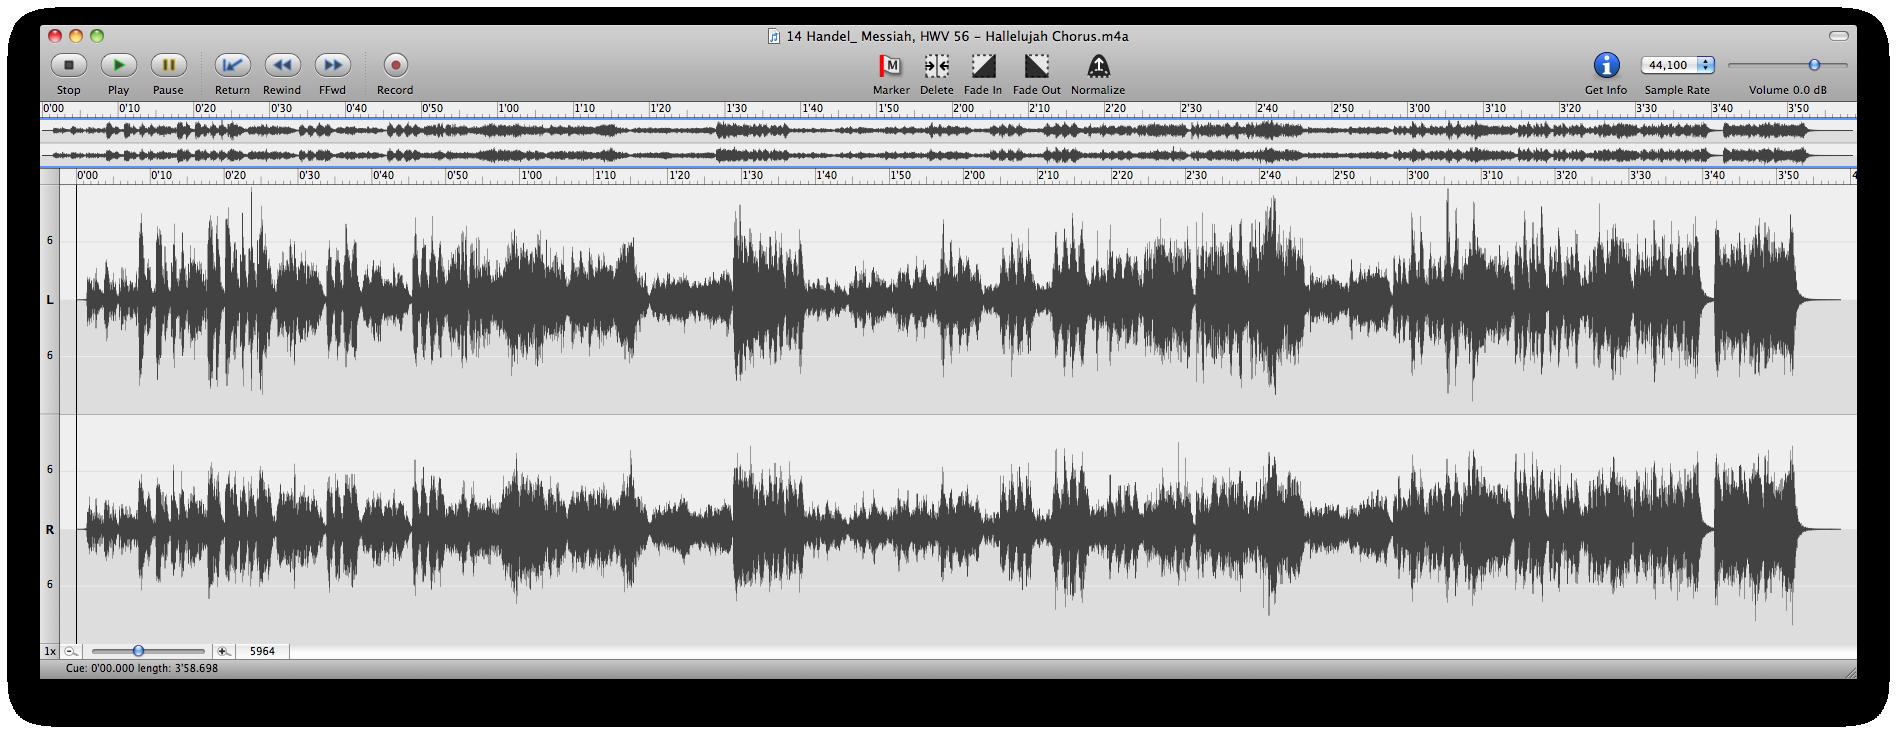 Handel's Messiah - Waveform